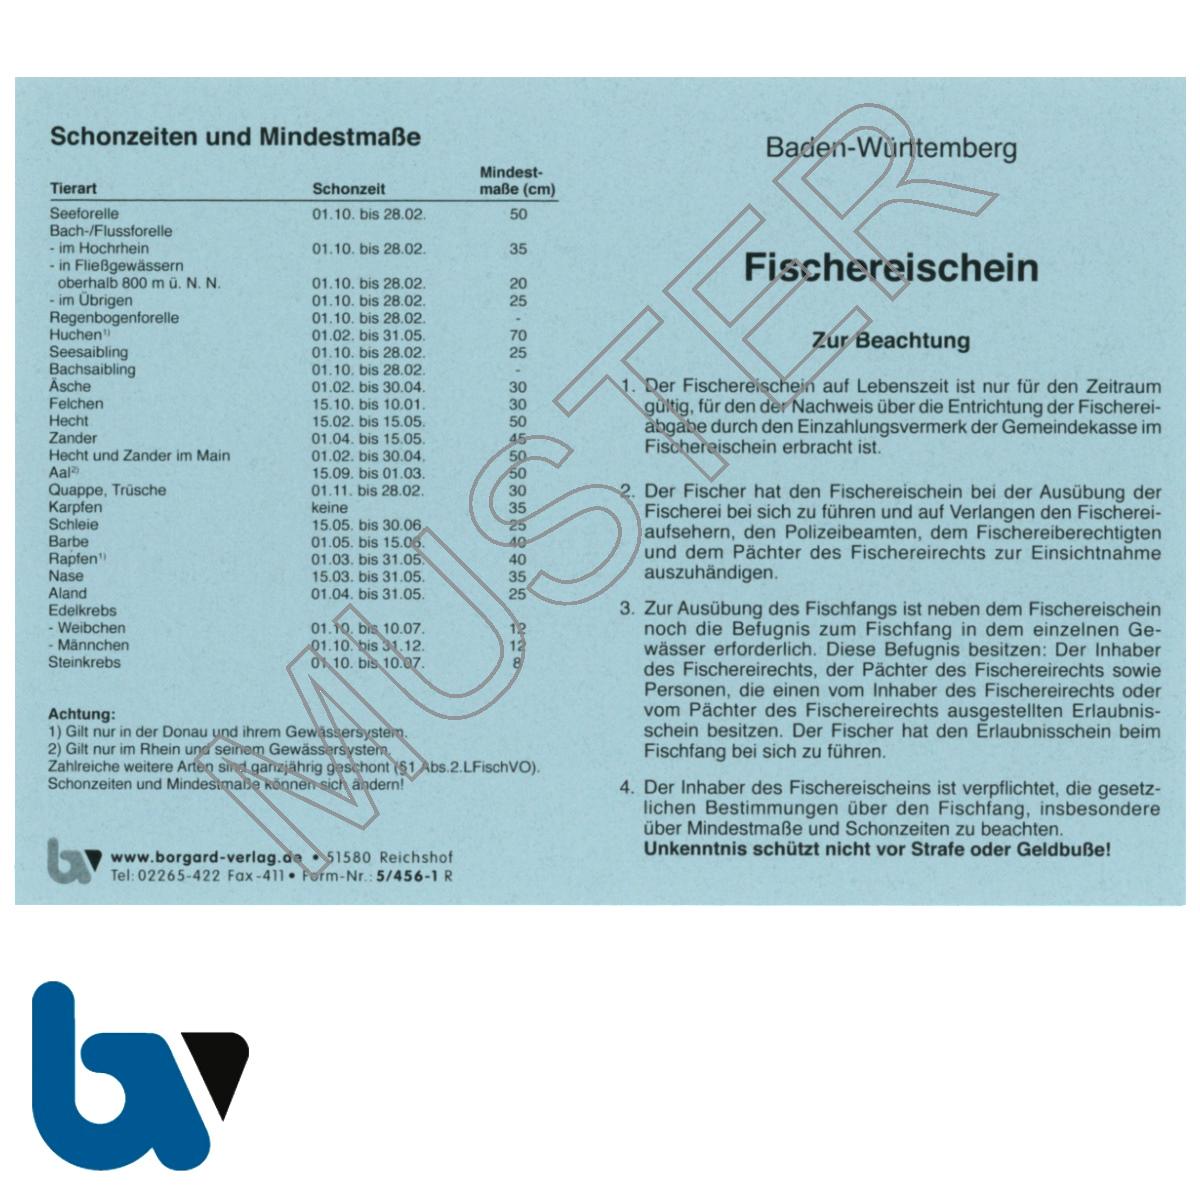 5/456-1 Fischereischein auf Lebenszeit BW Baden-Württemberg blau Neobond Muster Vorderseite   Borgard Verlag GmbH